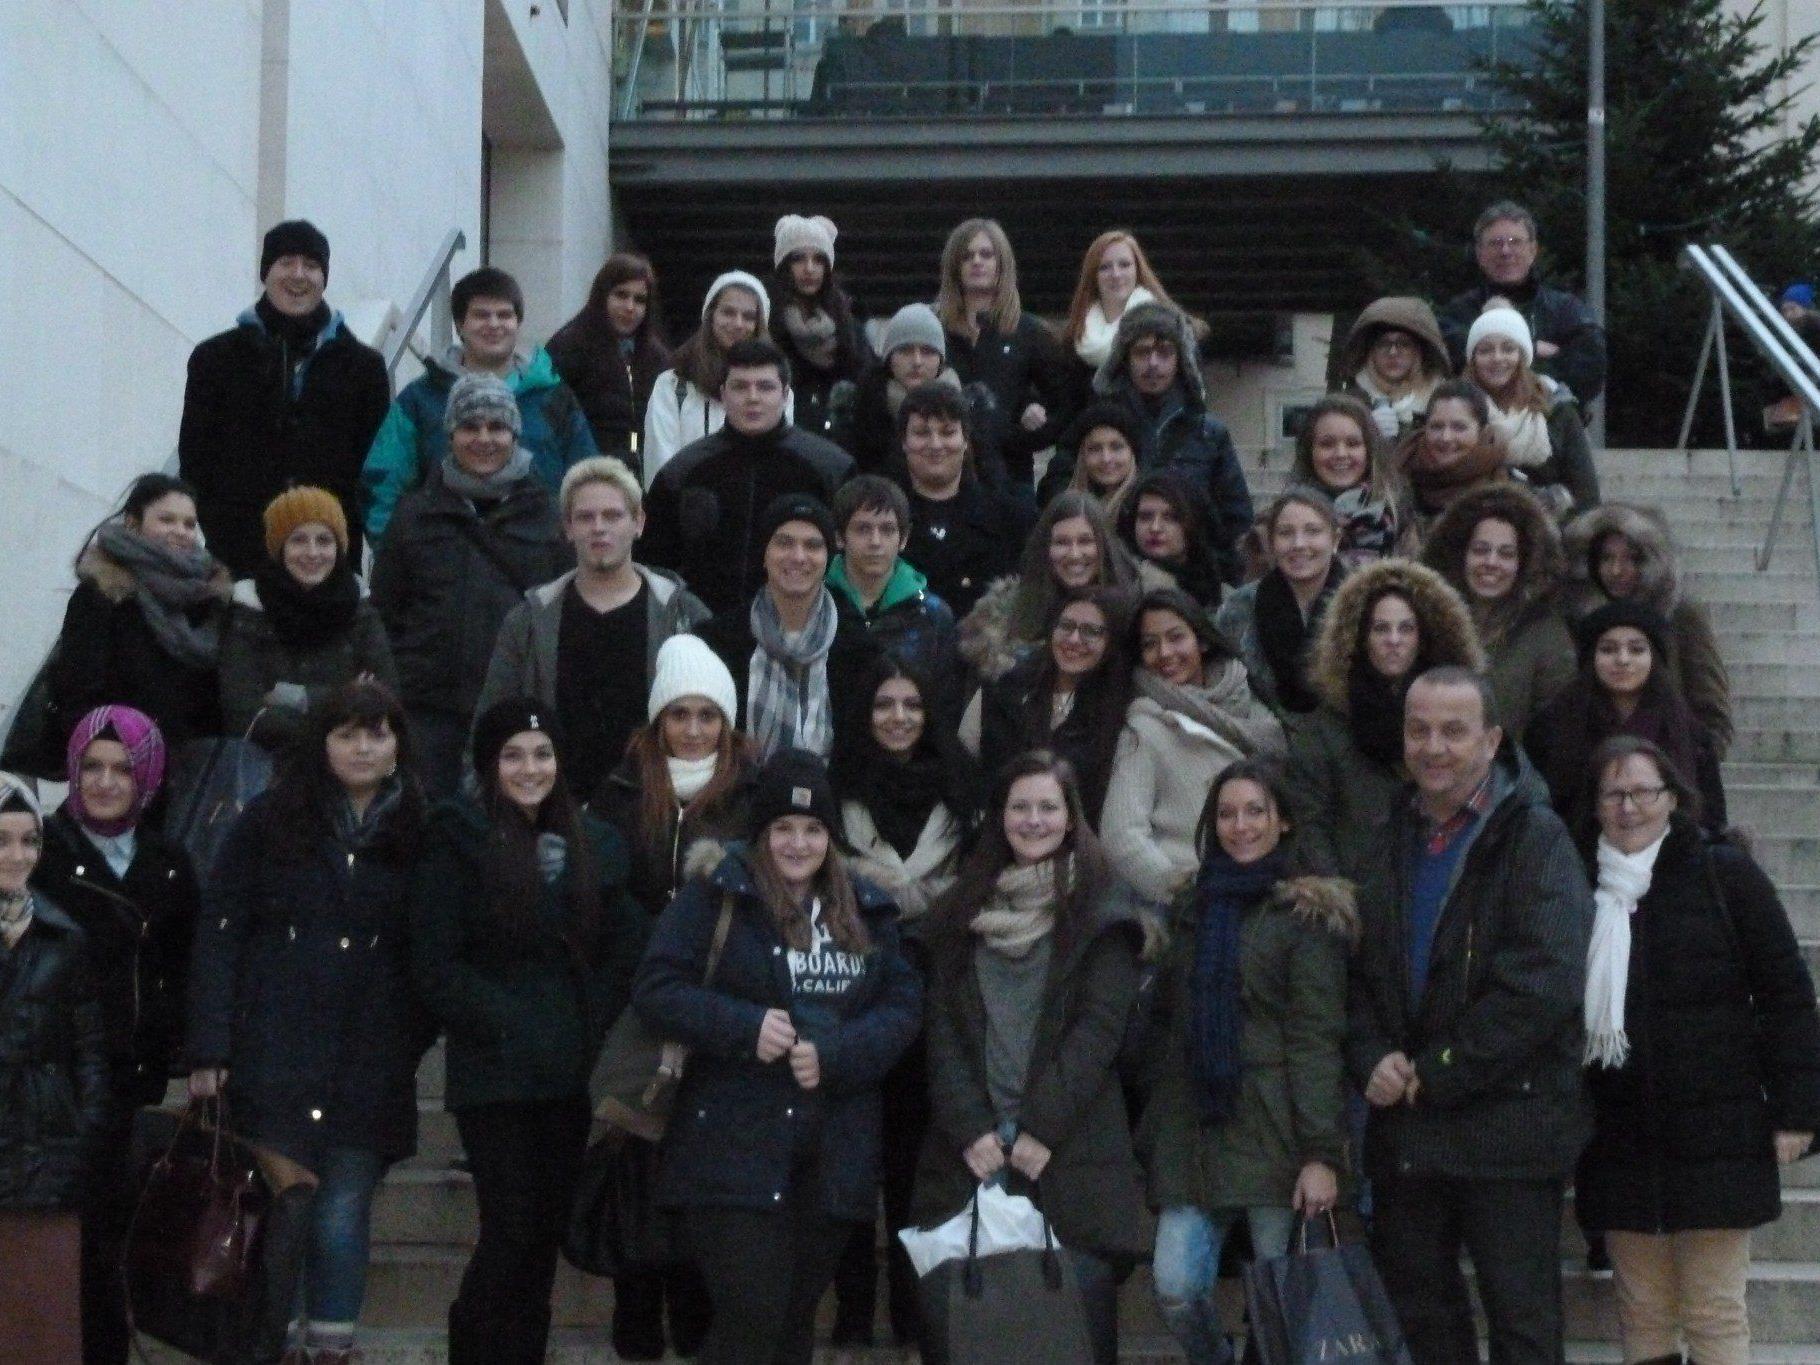 Die SchülerInnen der HTL Dornbirn kehrten von ihrer Wienreise mit vielen tollen Eindrücken zurück.